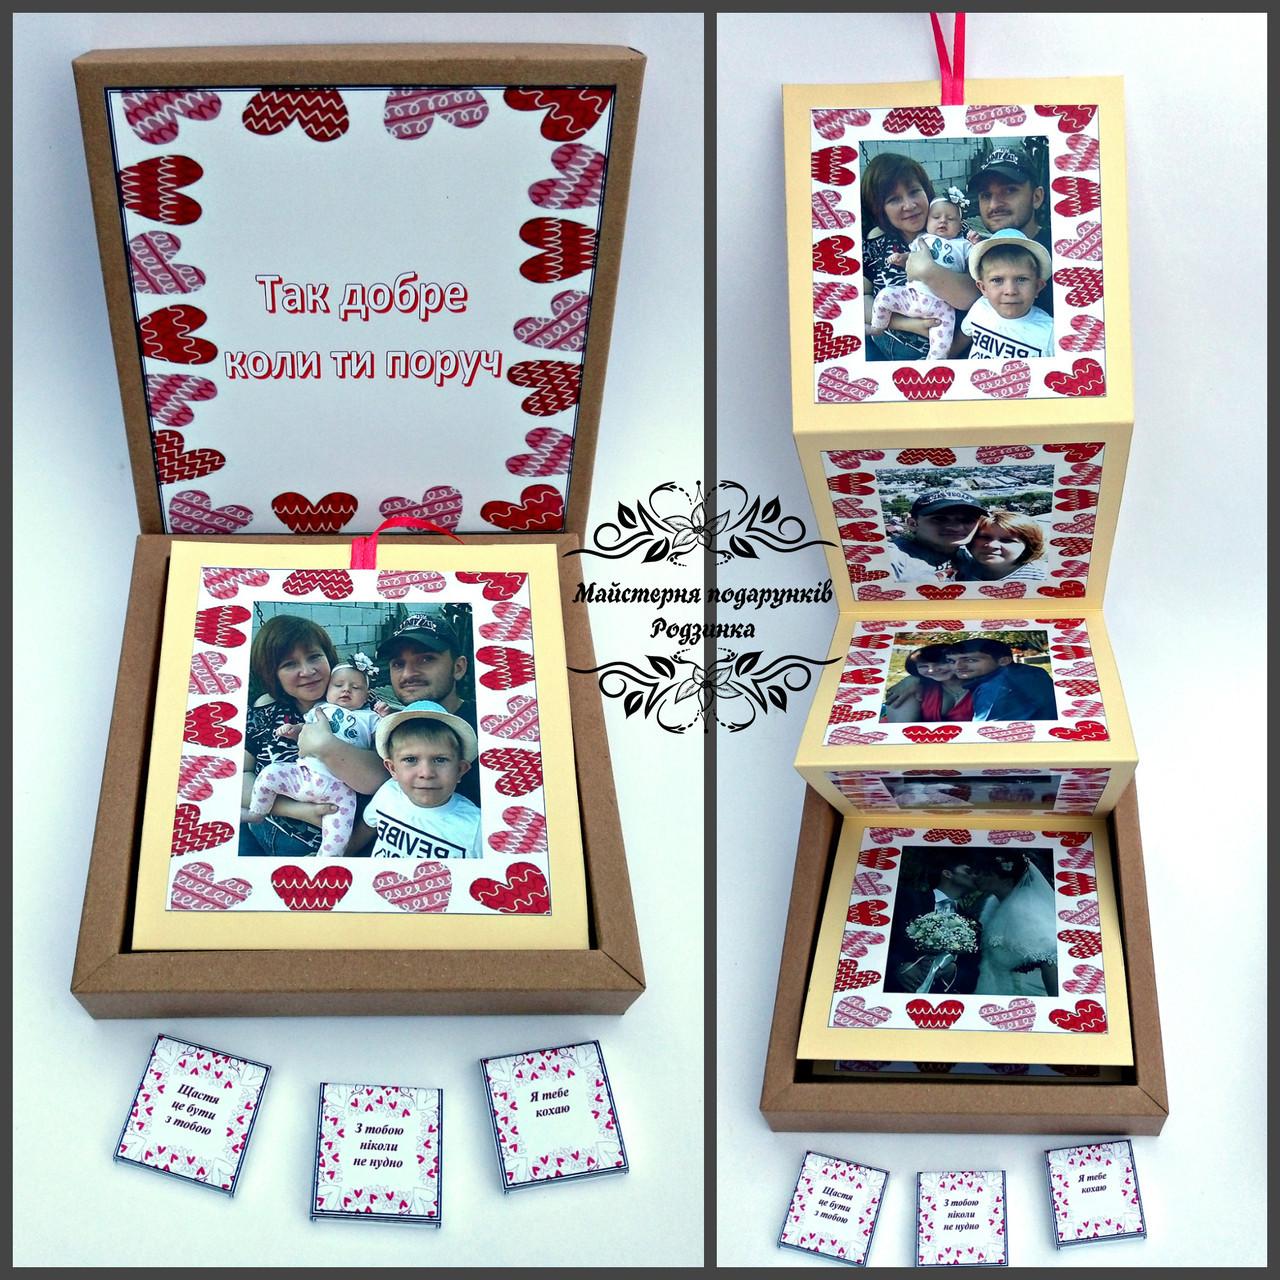 Подарункова коробочка з вашими фотографіями (18шт). Memory box .Подарунок на День народження,ювілей,річницю